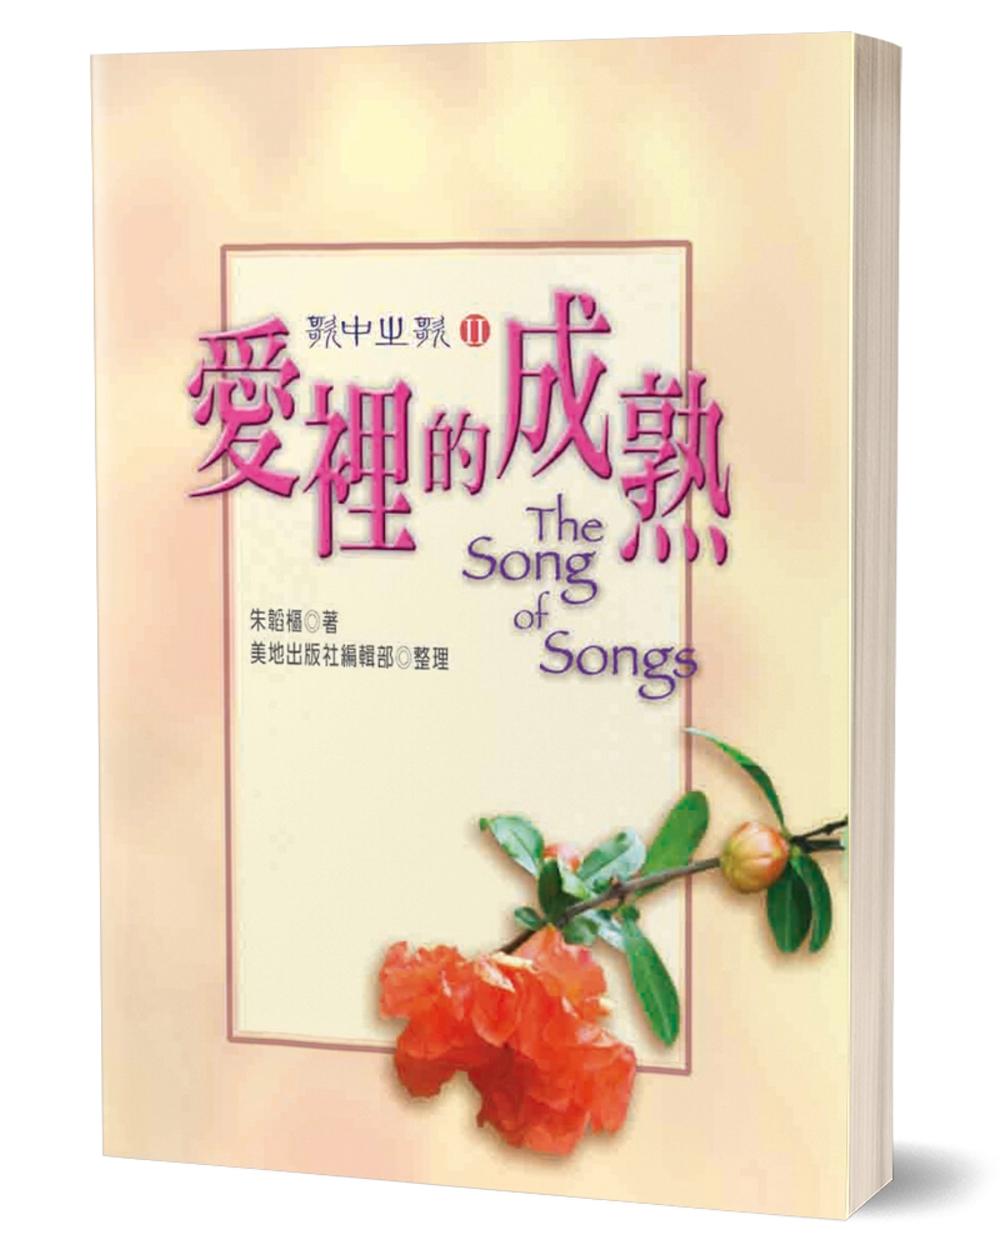 愛裡的成熟(上):歌中之歌Ⅱ